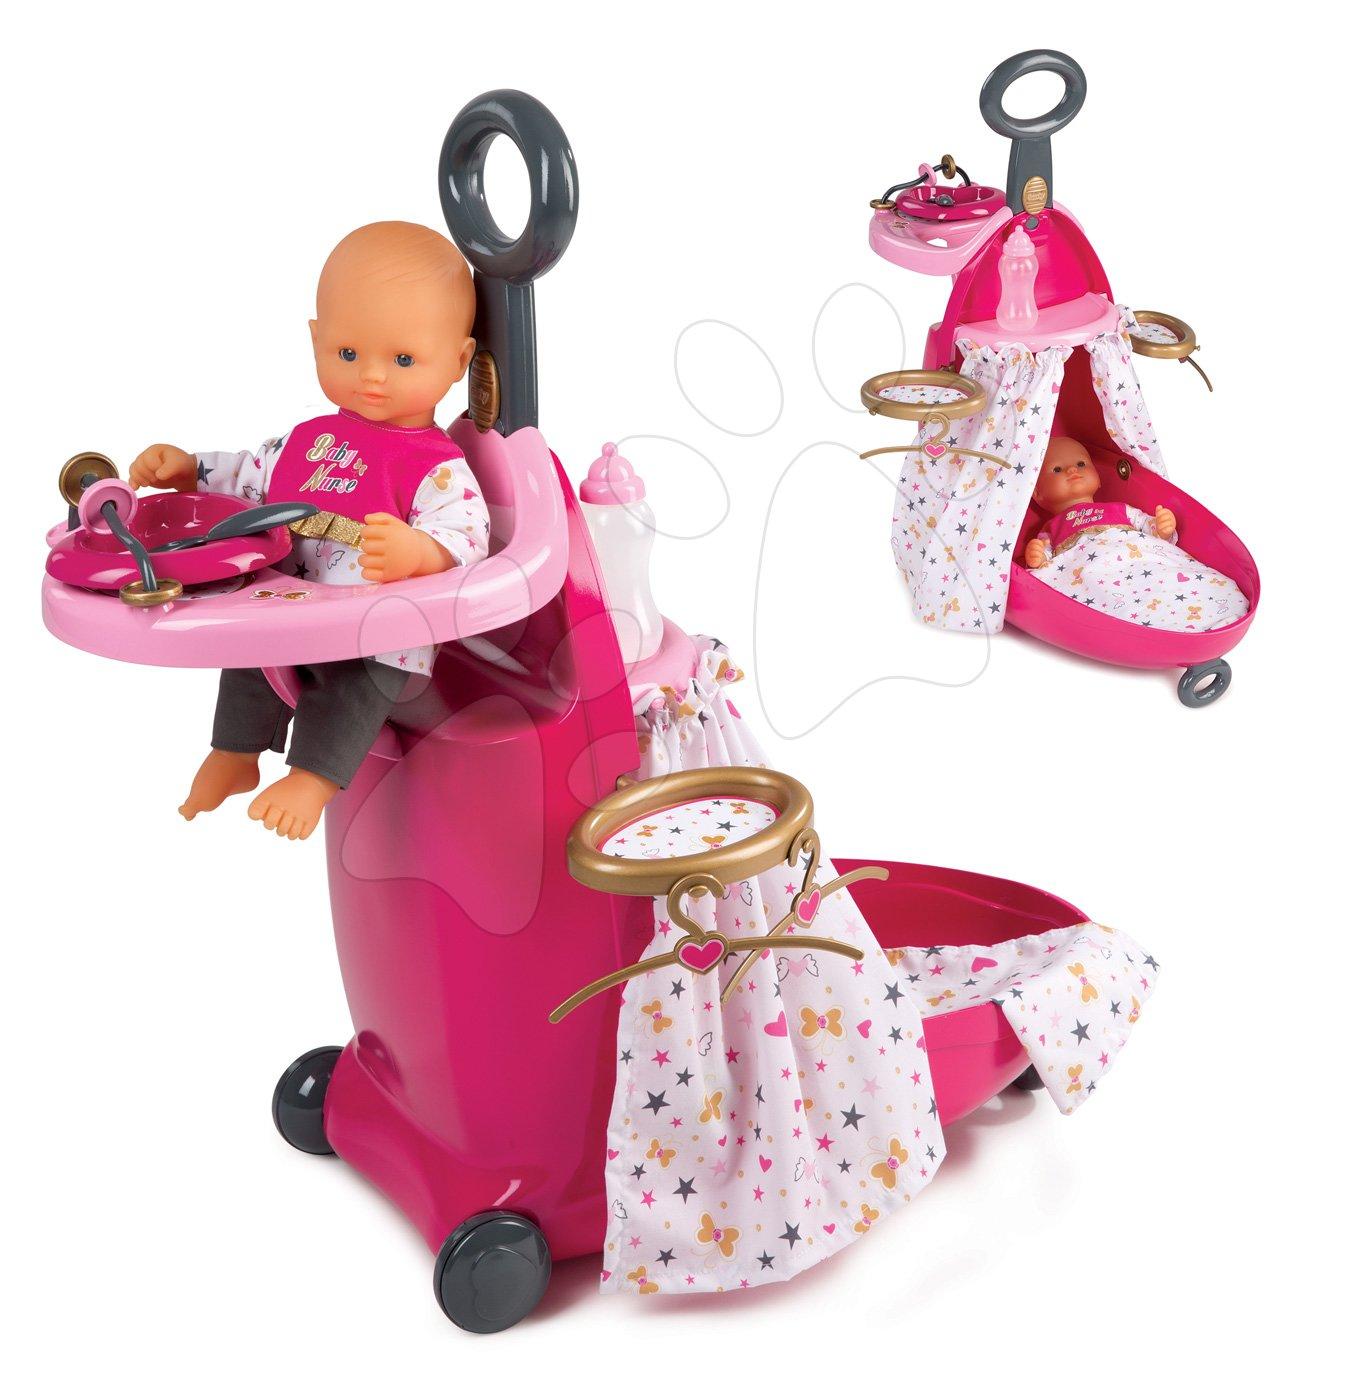 Přebalovací vozík pro panenku Baby Nurse Zlatá edice Smoby s postýlkou a kuchyňkou od 18 měsíců